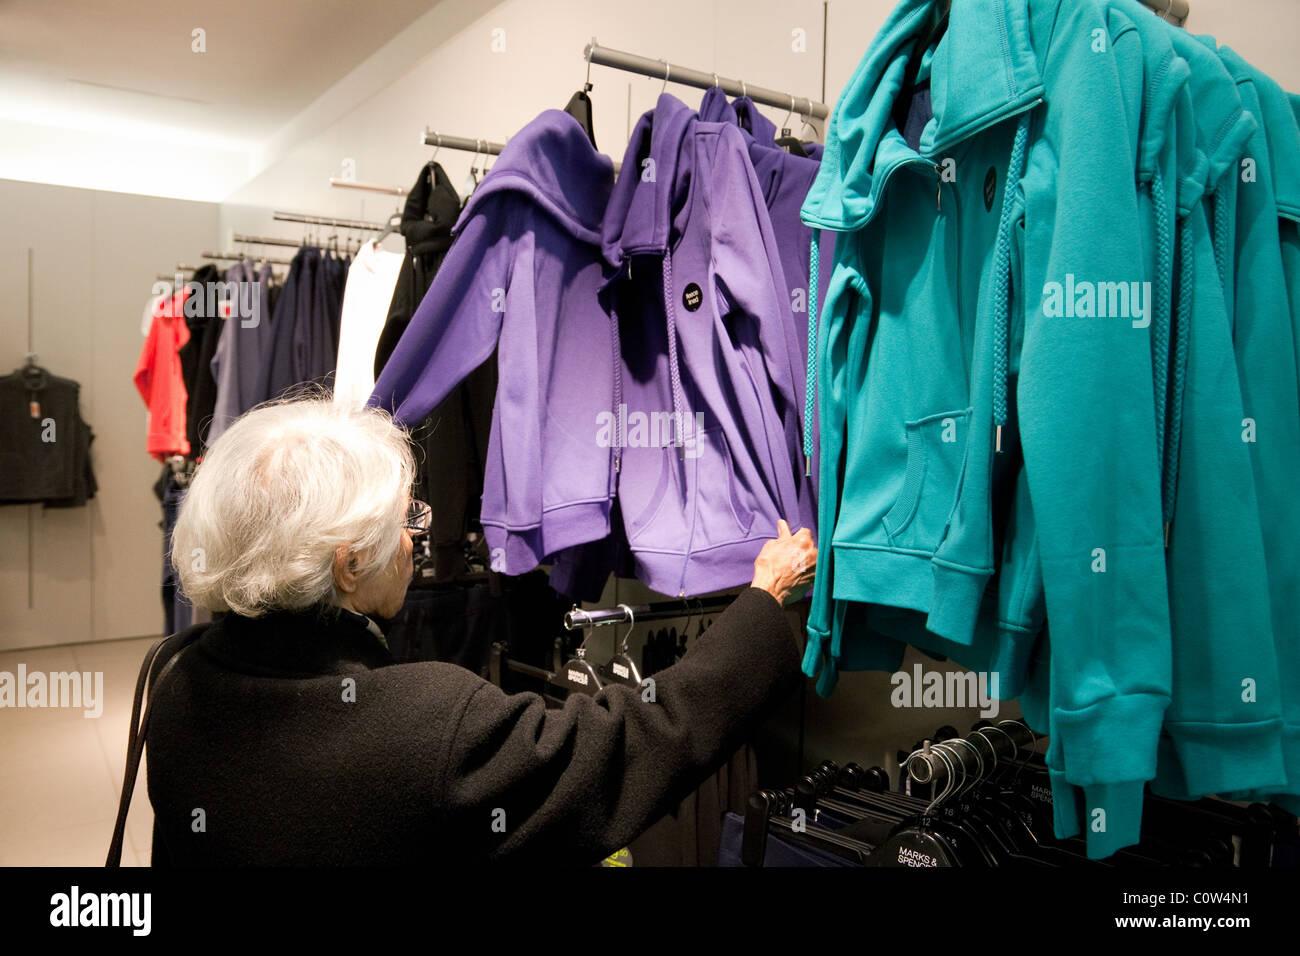 9adf2122a3 Eine Seniorin senior Lady shopping für Kleidung, speichern Marks and  Spencer, M & S